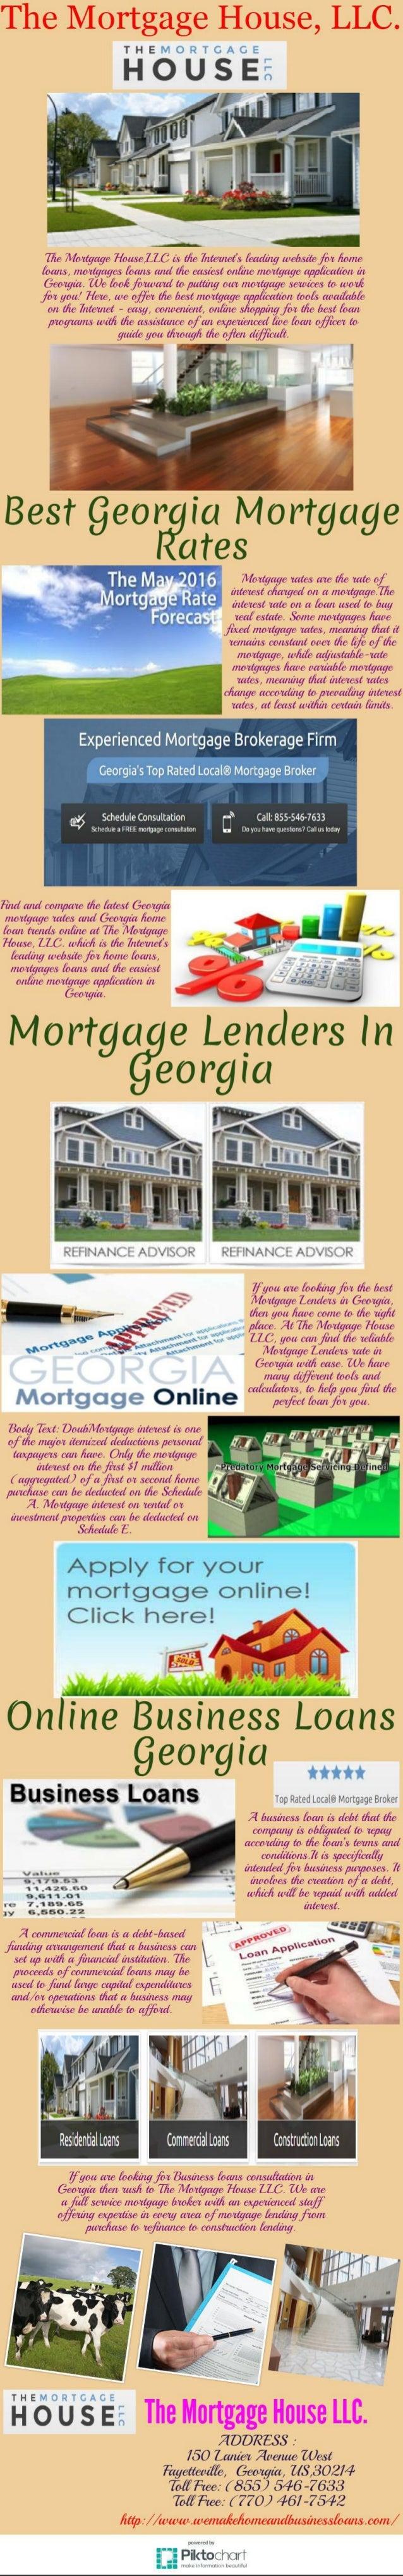 Mortgage Lenders In Georgia Online